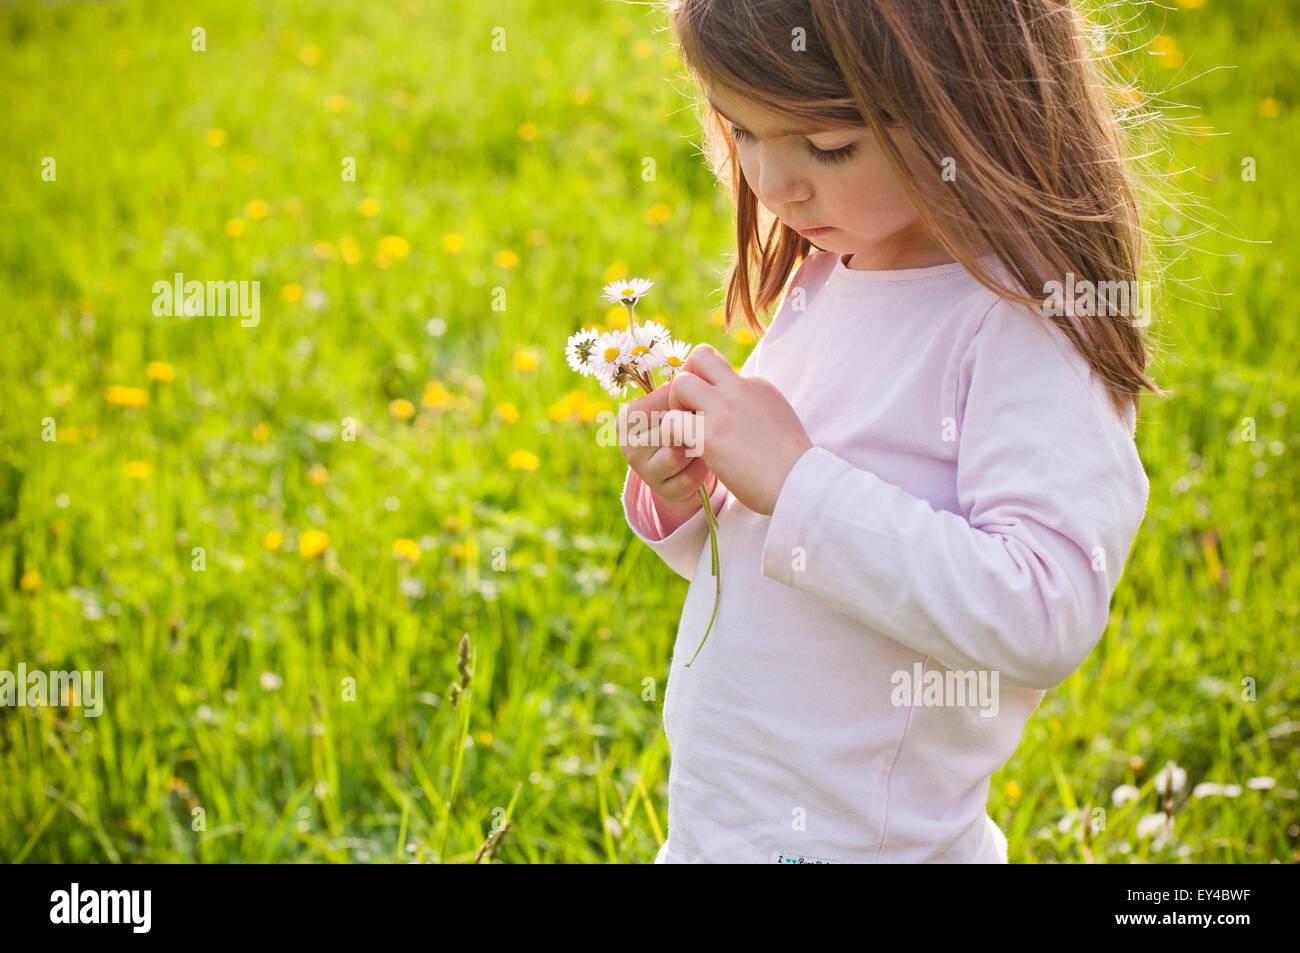 Ragazza giovane nel campo guardando margherite nelle sue mani Immagini Stock